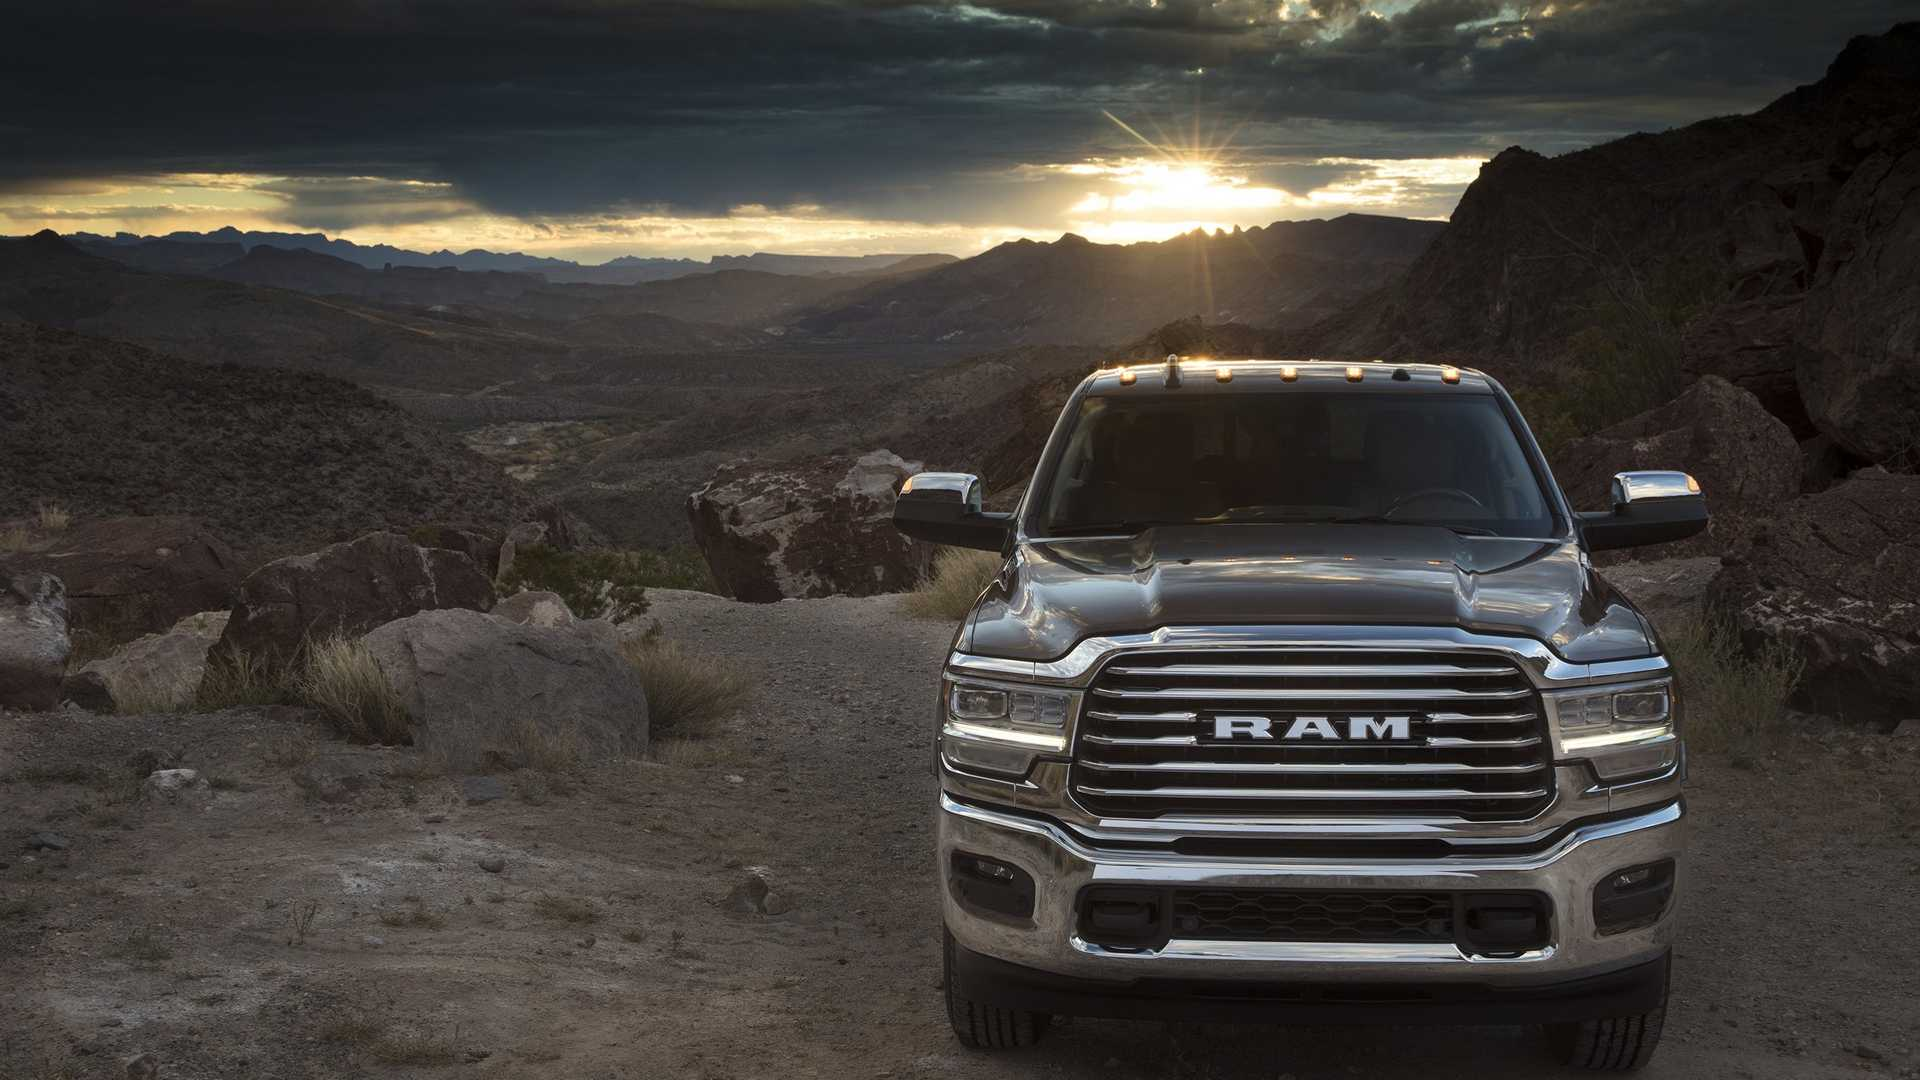 2019-ram-heavy-duty-exterior (49)